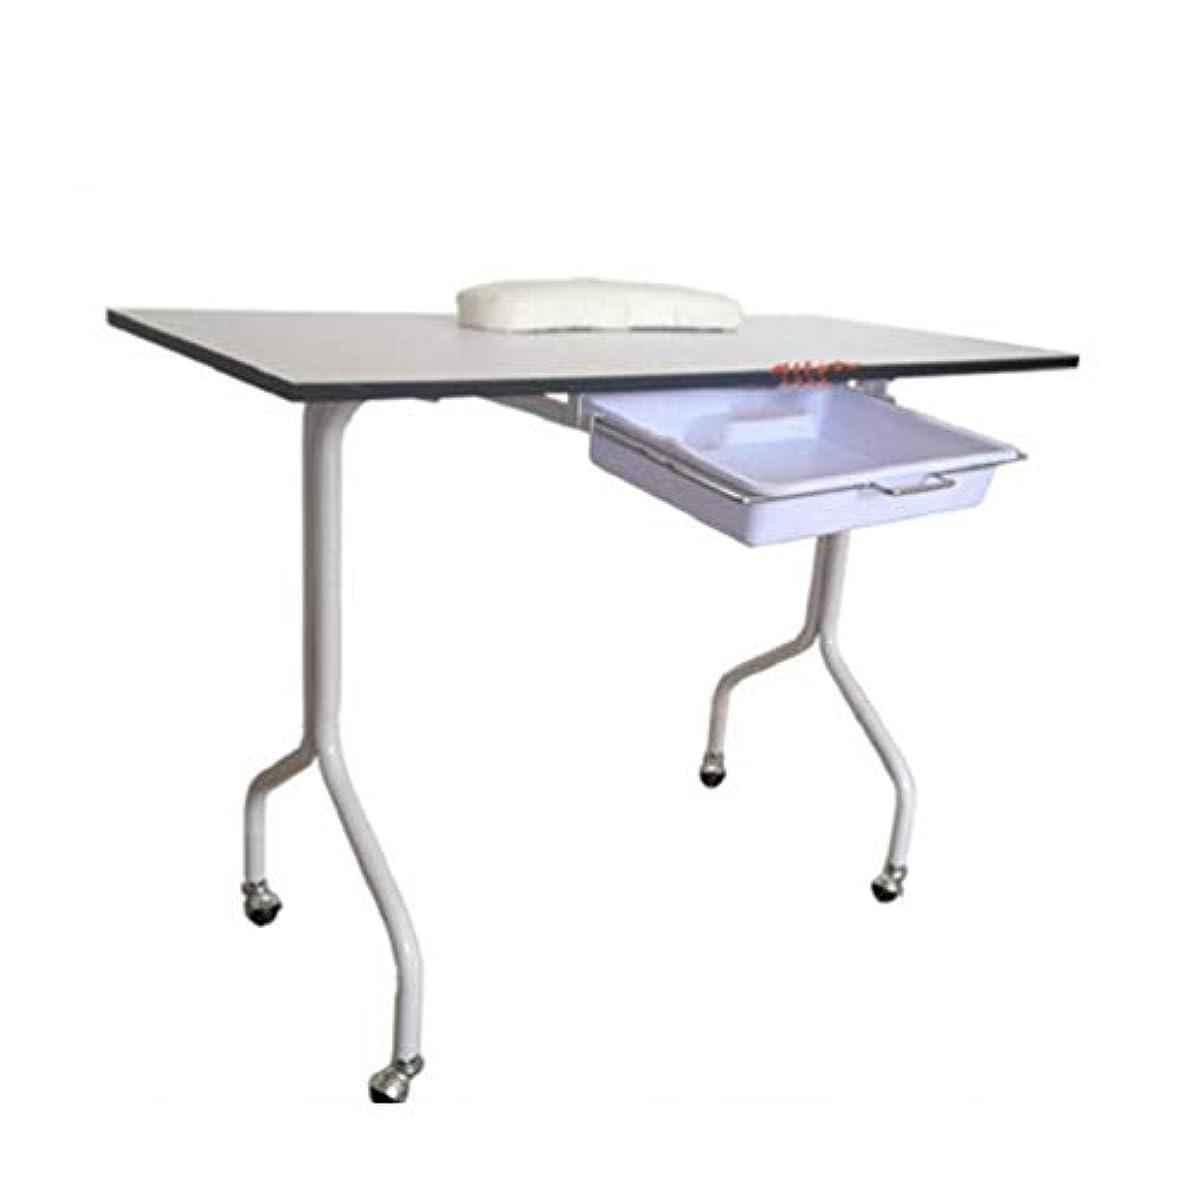 普通に世代領域ネイルテーブルポータブルマニキュアテーブルベントネイルデスクワークステーションサロンスパネイルリストレストアートビューティーサロンツール